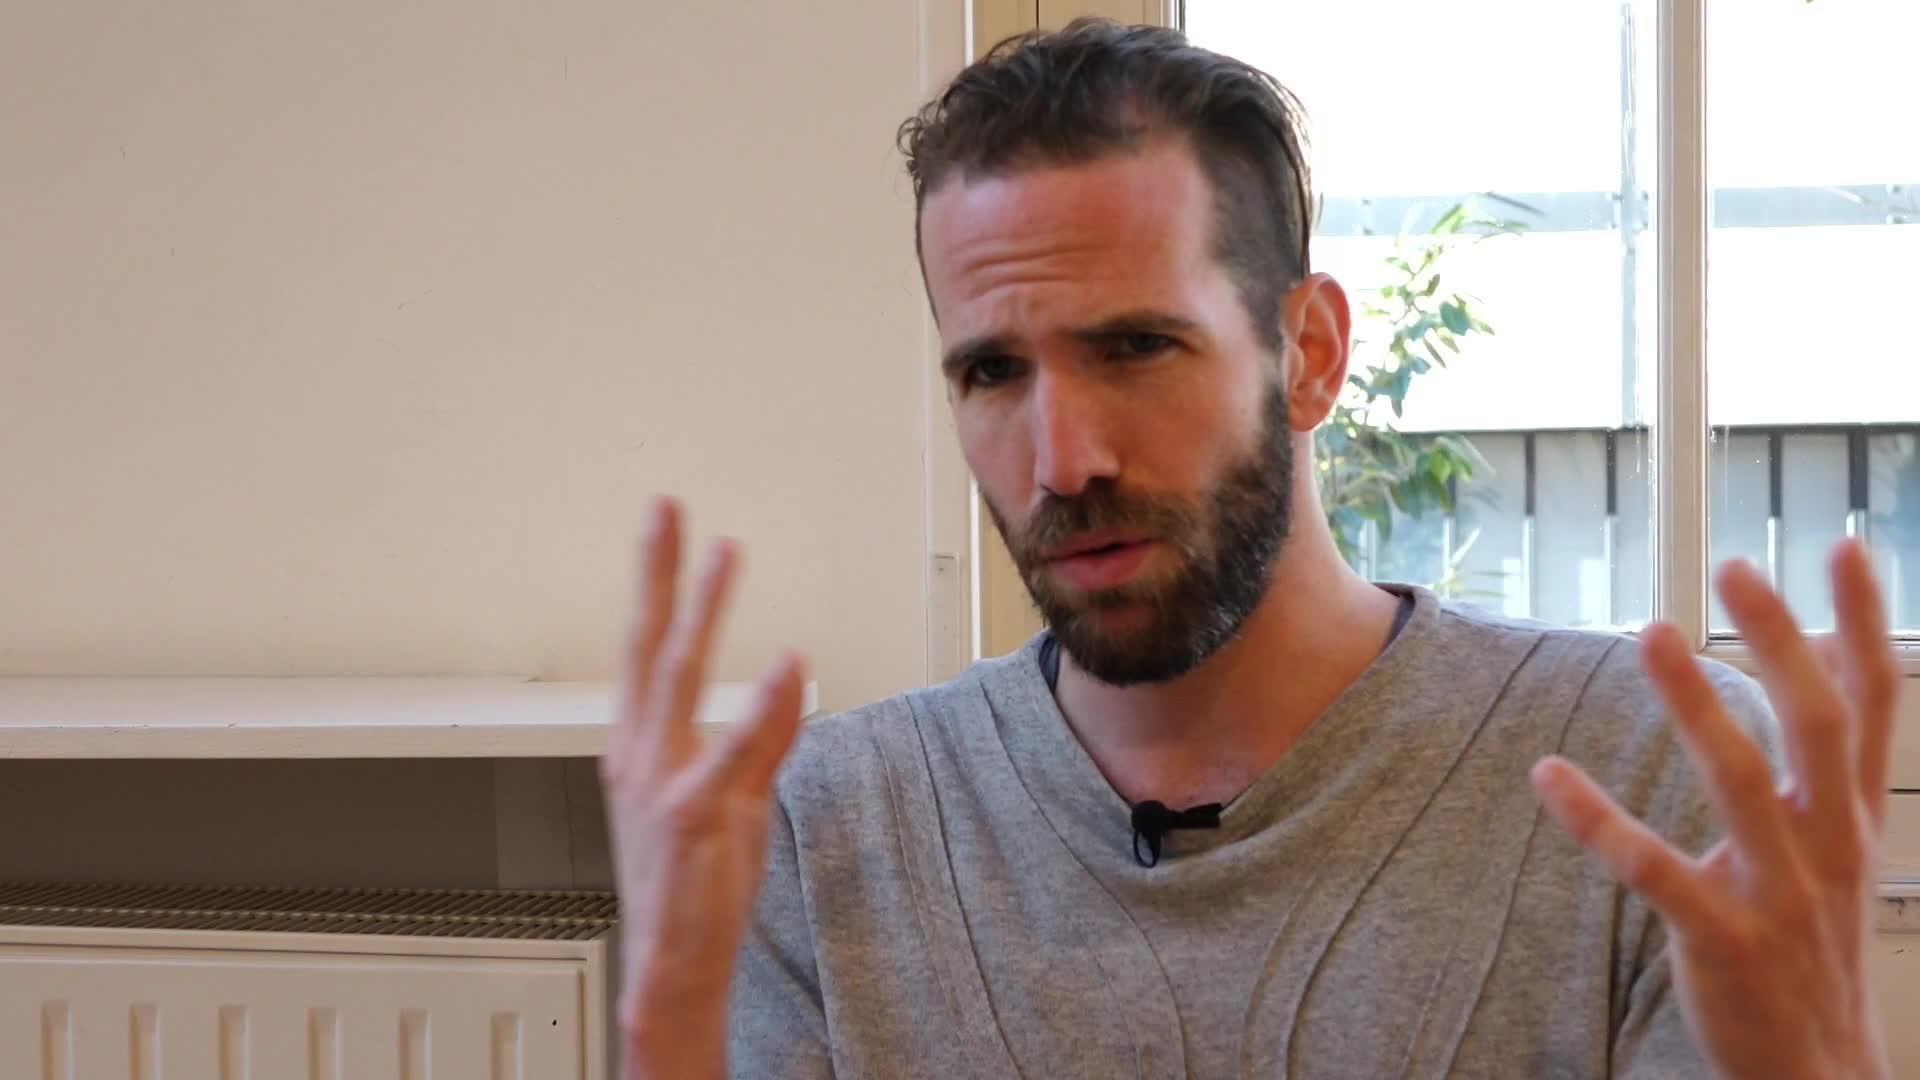 Image de la vidéo pour 'Ces regards amoureux de garçons altérés'